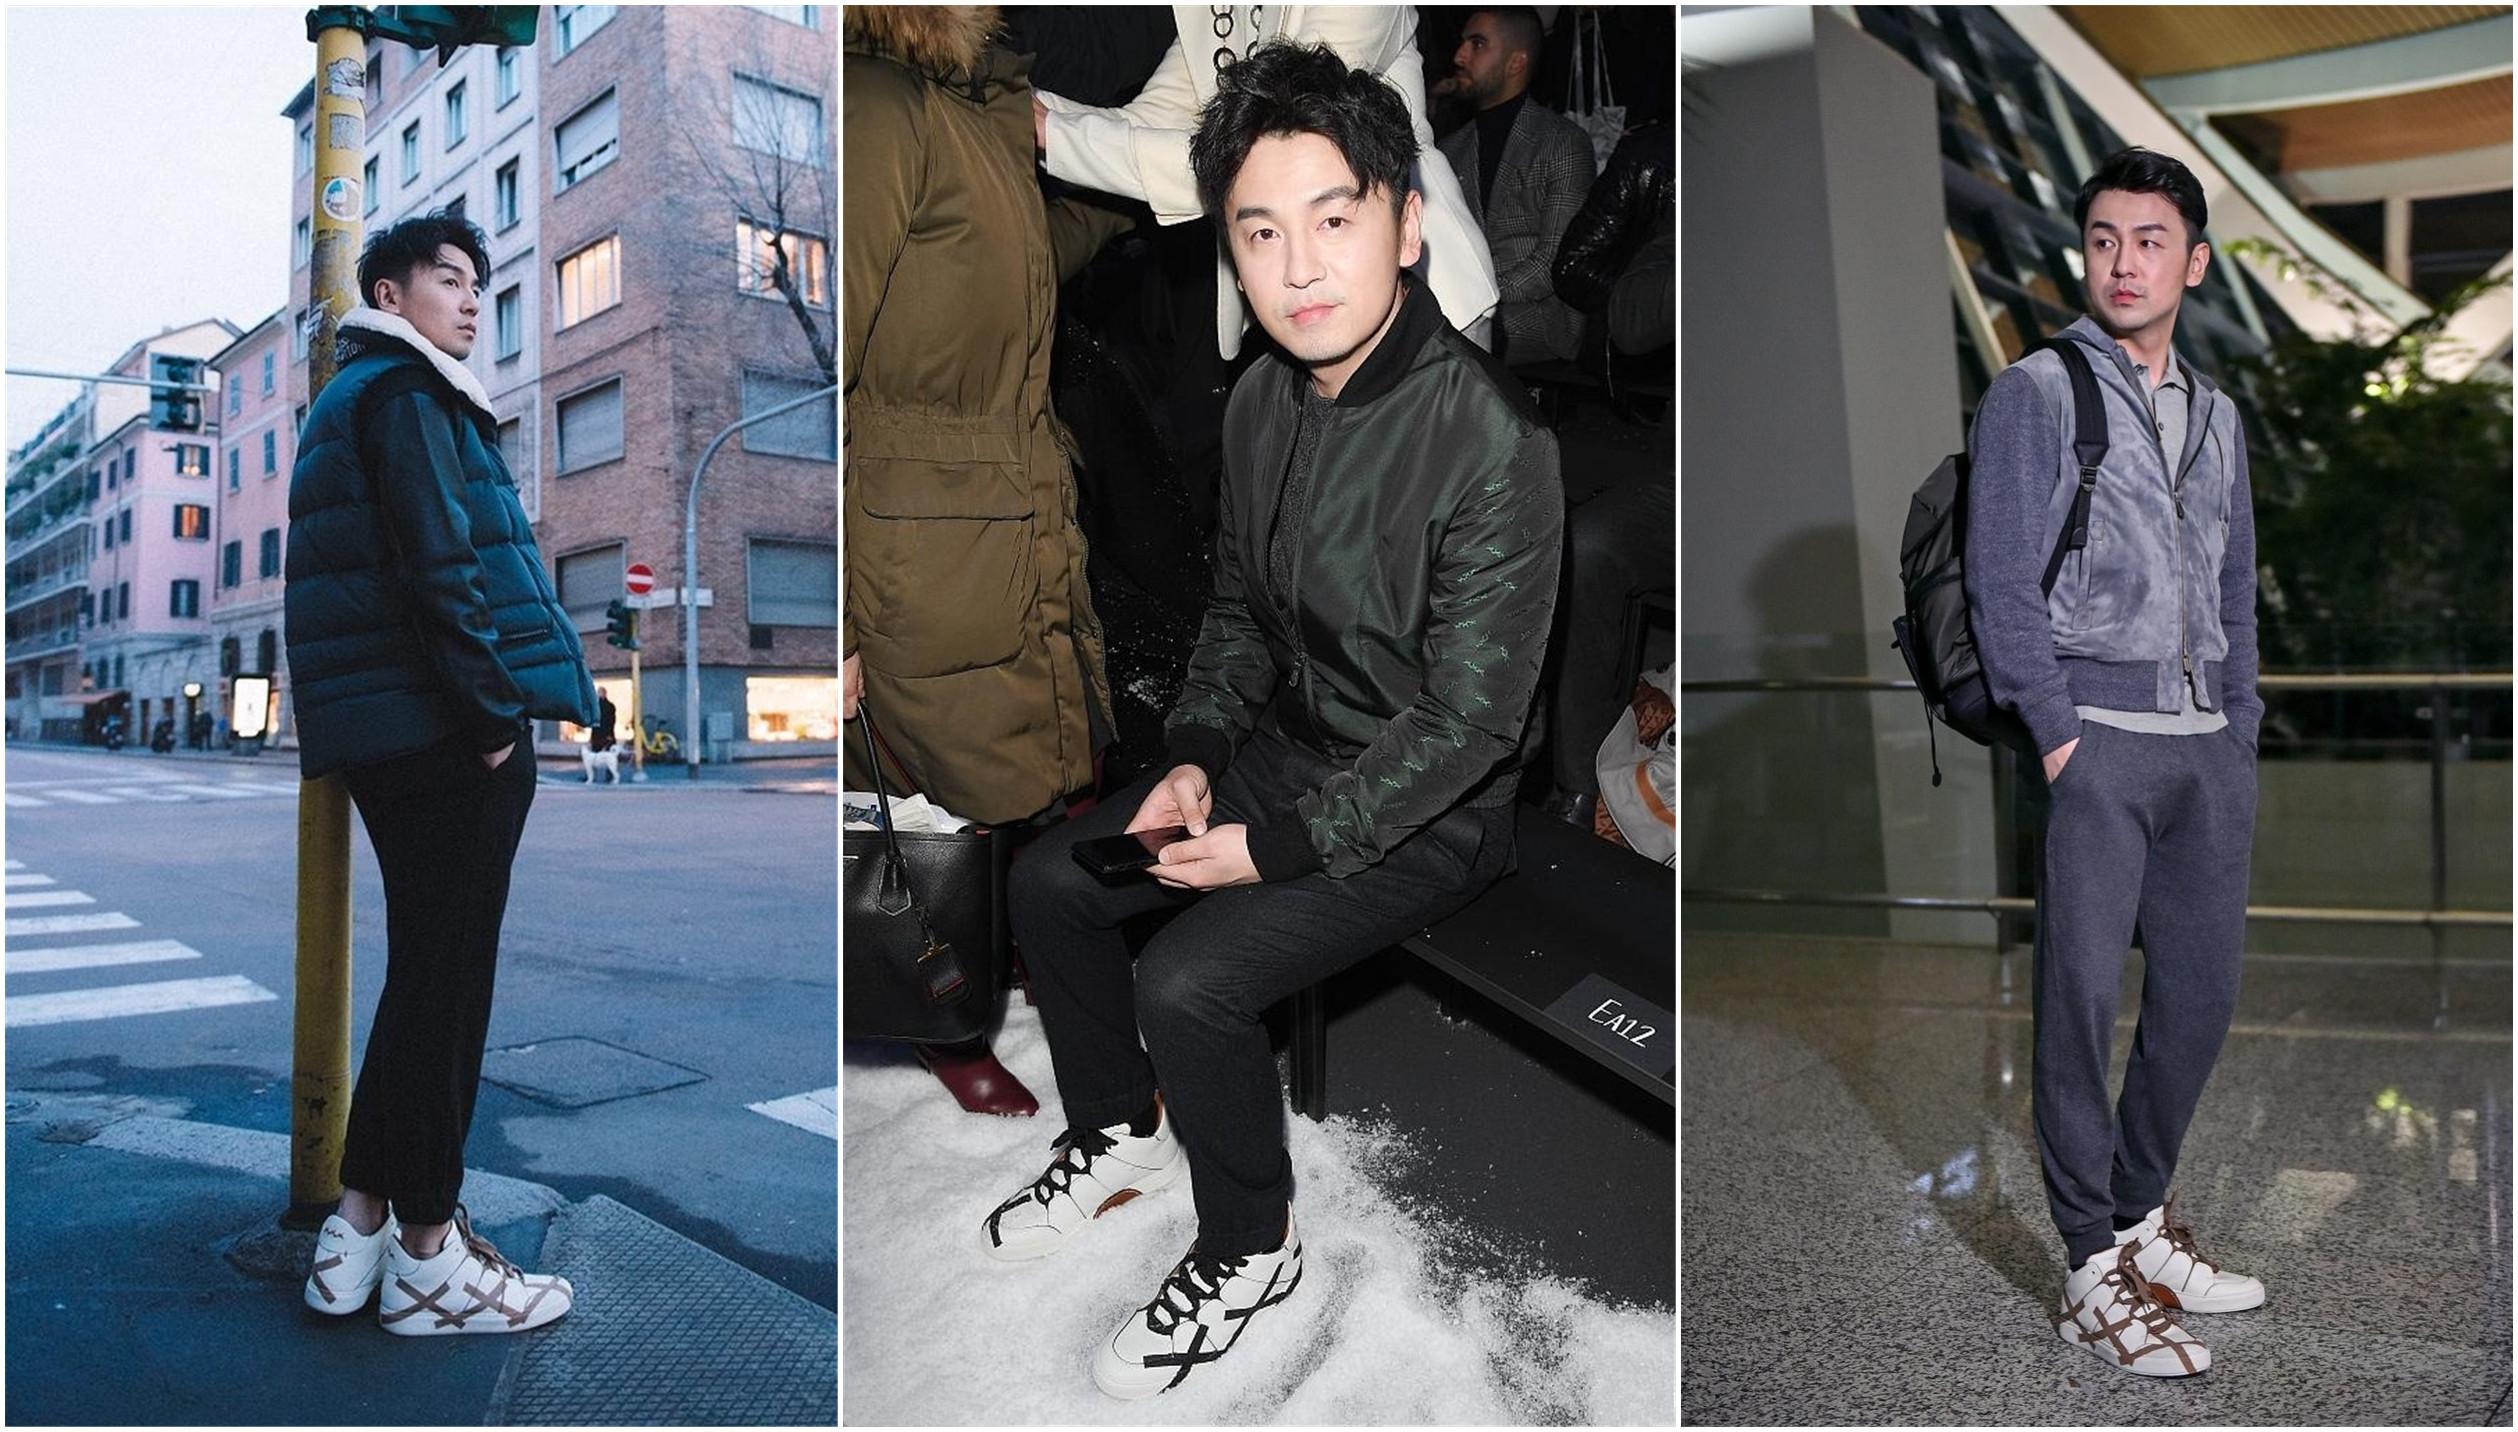 35岁雷佳音拍时尚大片造型二度撞上刘昊然,话说他何时变如此时髦